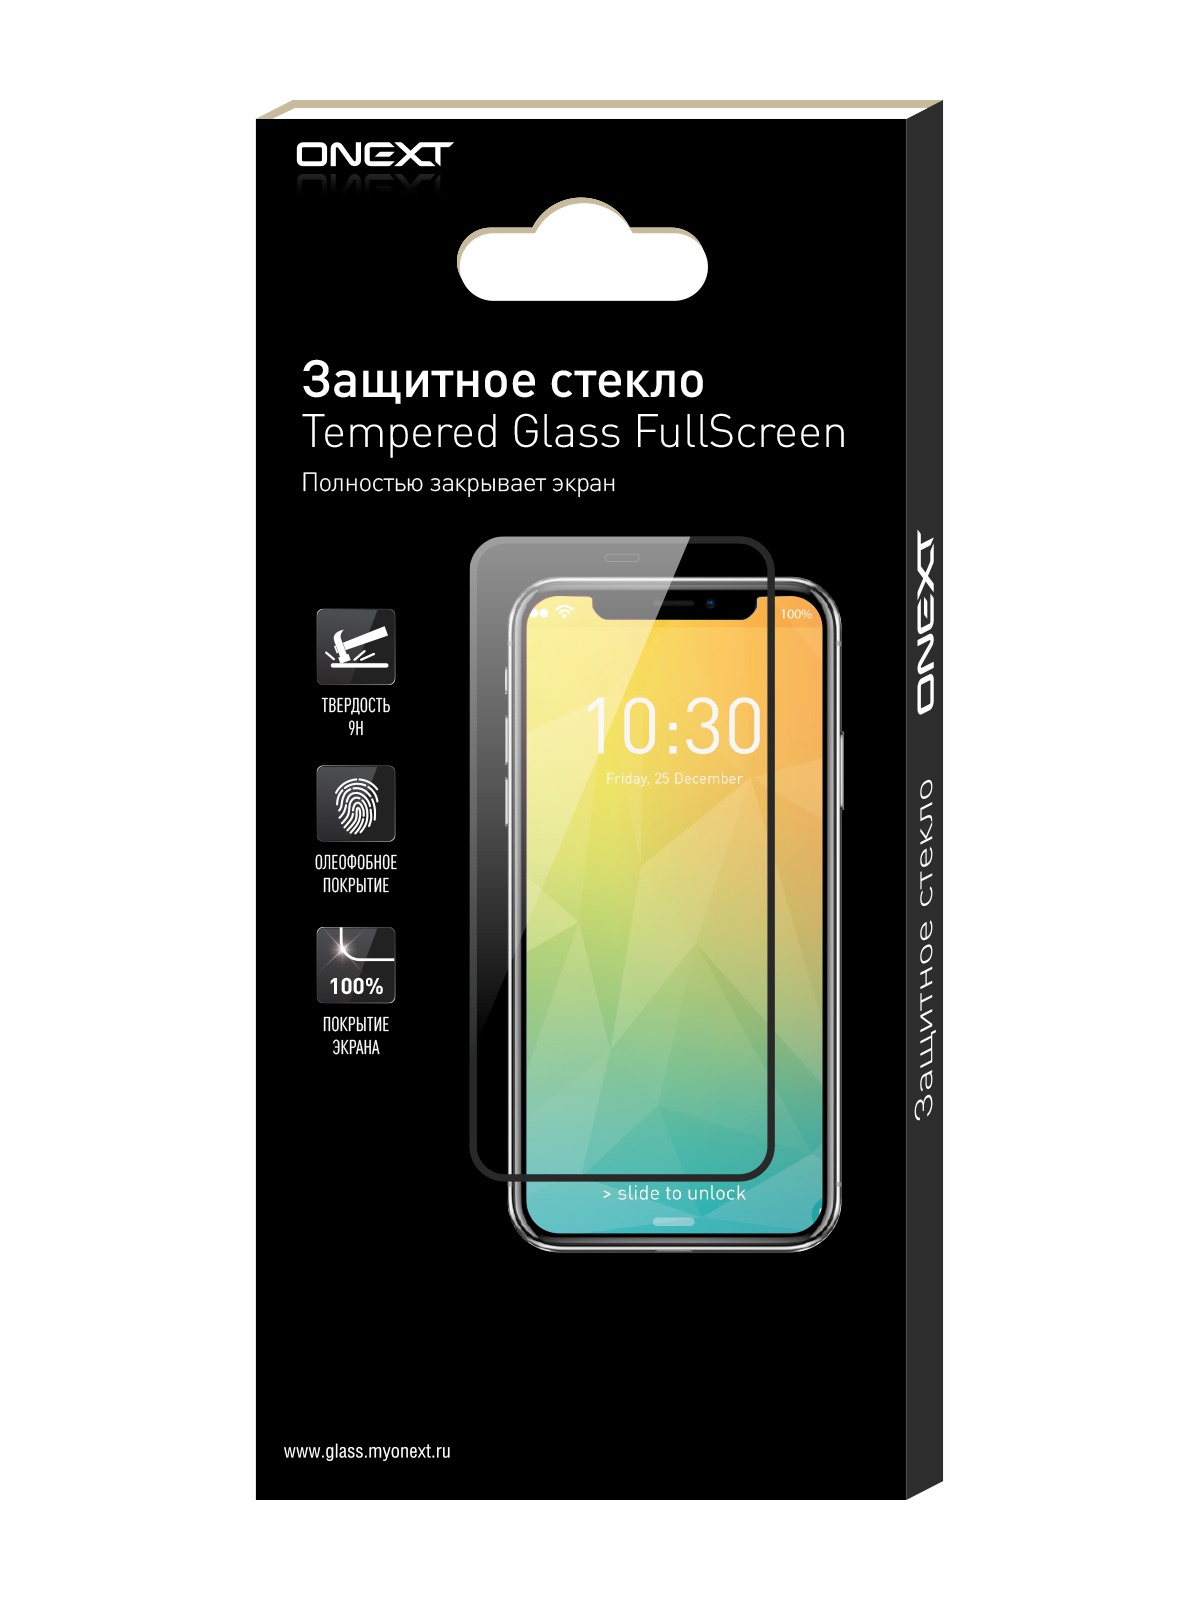 Защитное стекло ONEXT Samsung Galaxy A5 2017 с рамкой (full glue) защитное стекло для samsung galaxy a5 2017 sm a520f onext на весь экран с белой рамкой